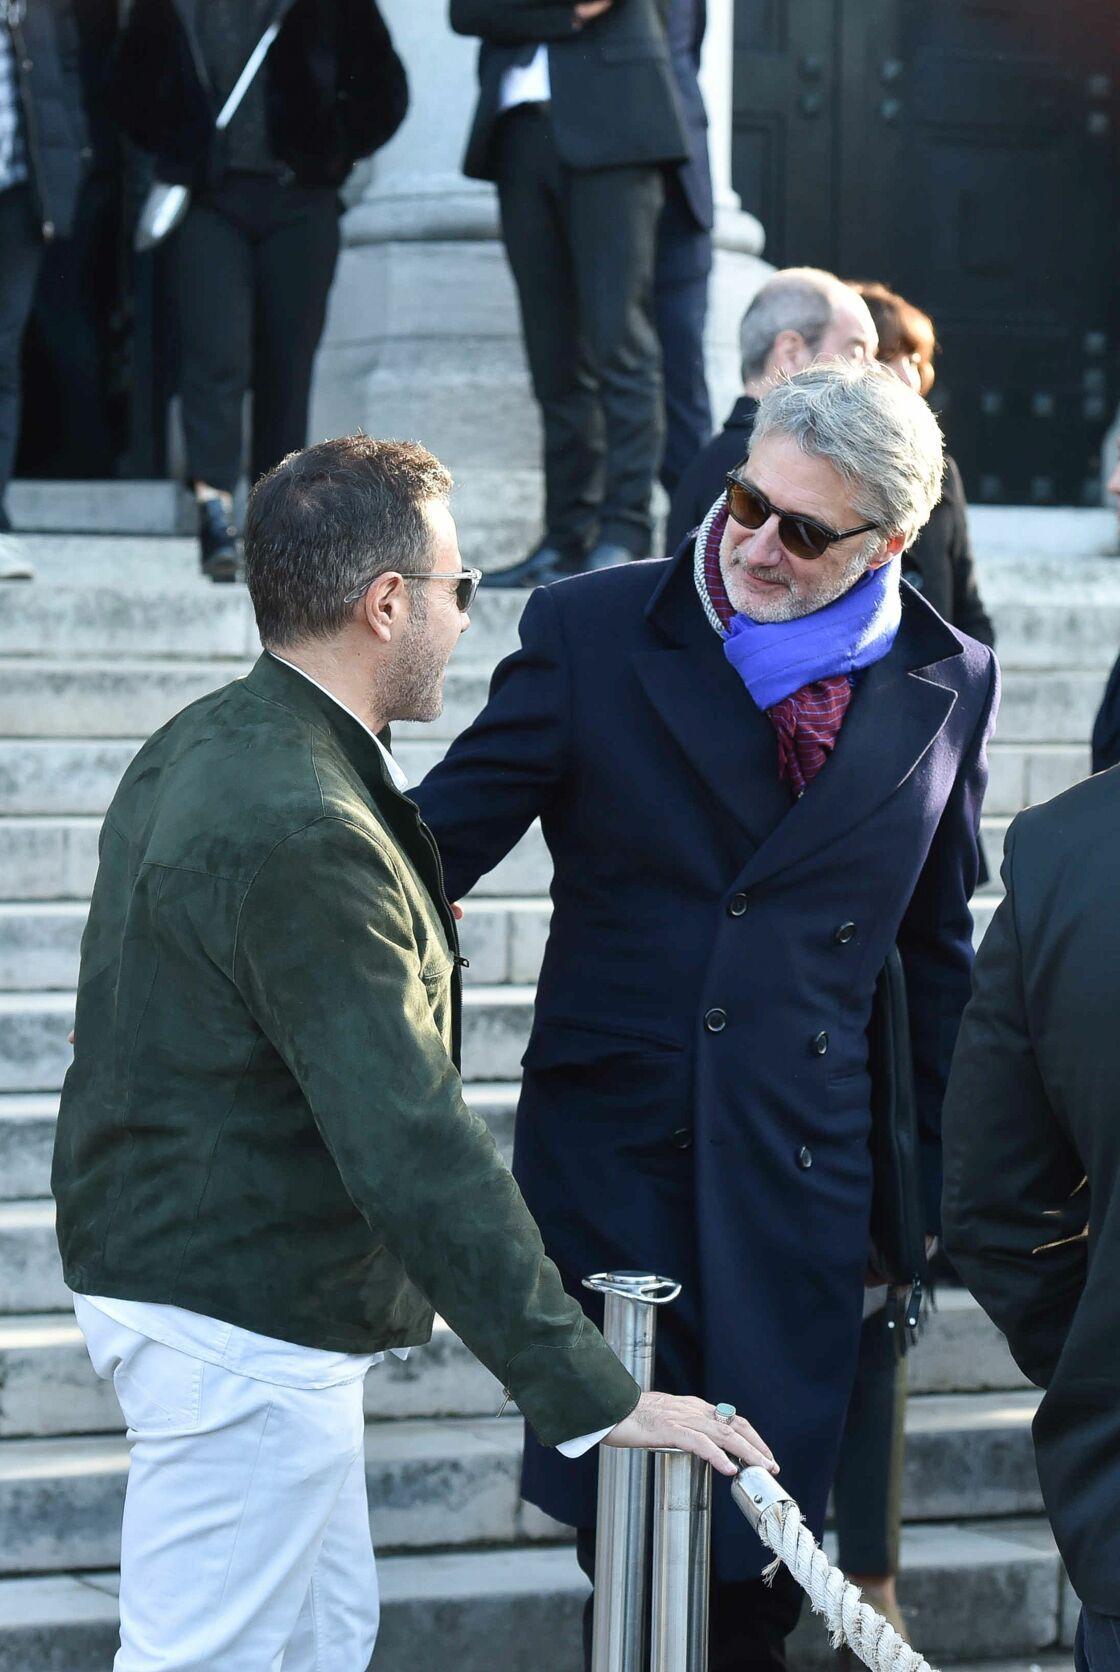 Antoine de Caunes pas peu fier de sa blague en découvrant José Garcia tout de blanc vêtu, aux obsèques de Philippe Gildas, en novembre 2018.